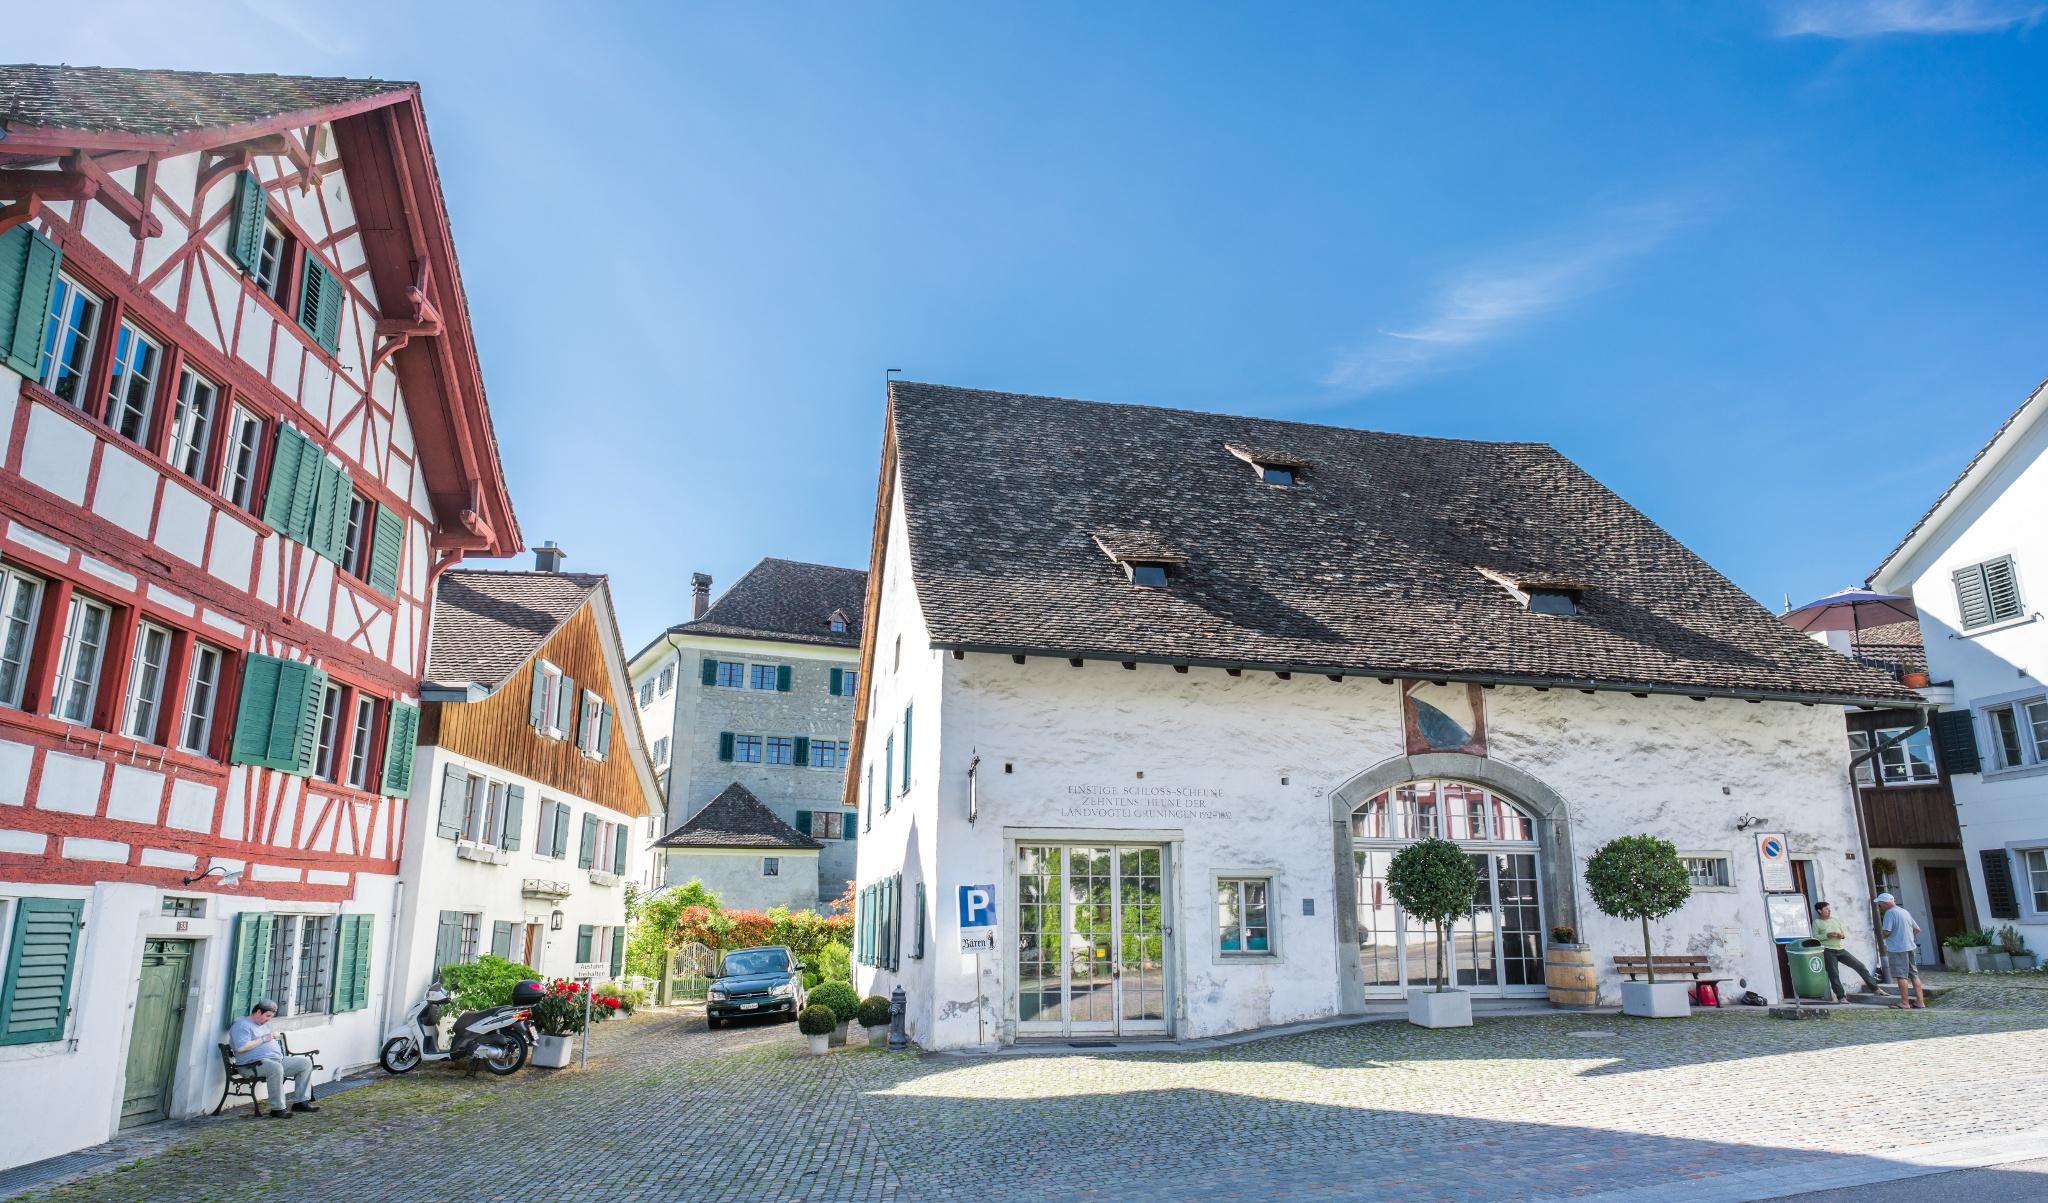 Haus kaufen in Brglen TG - Reihenhaus - 3 1/2 Zimmer - 460